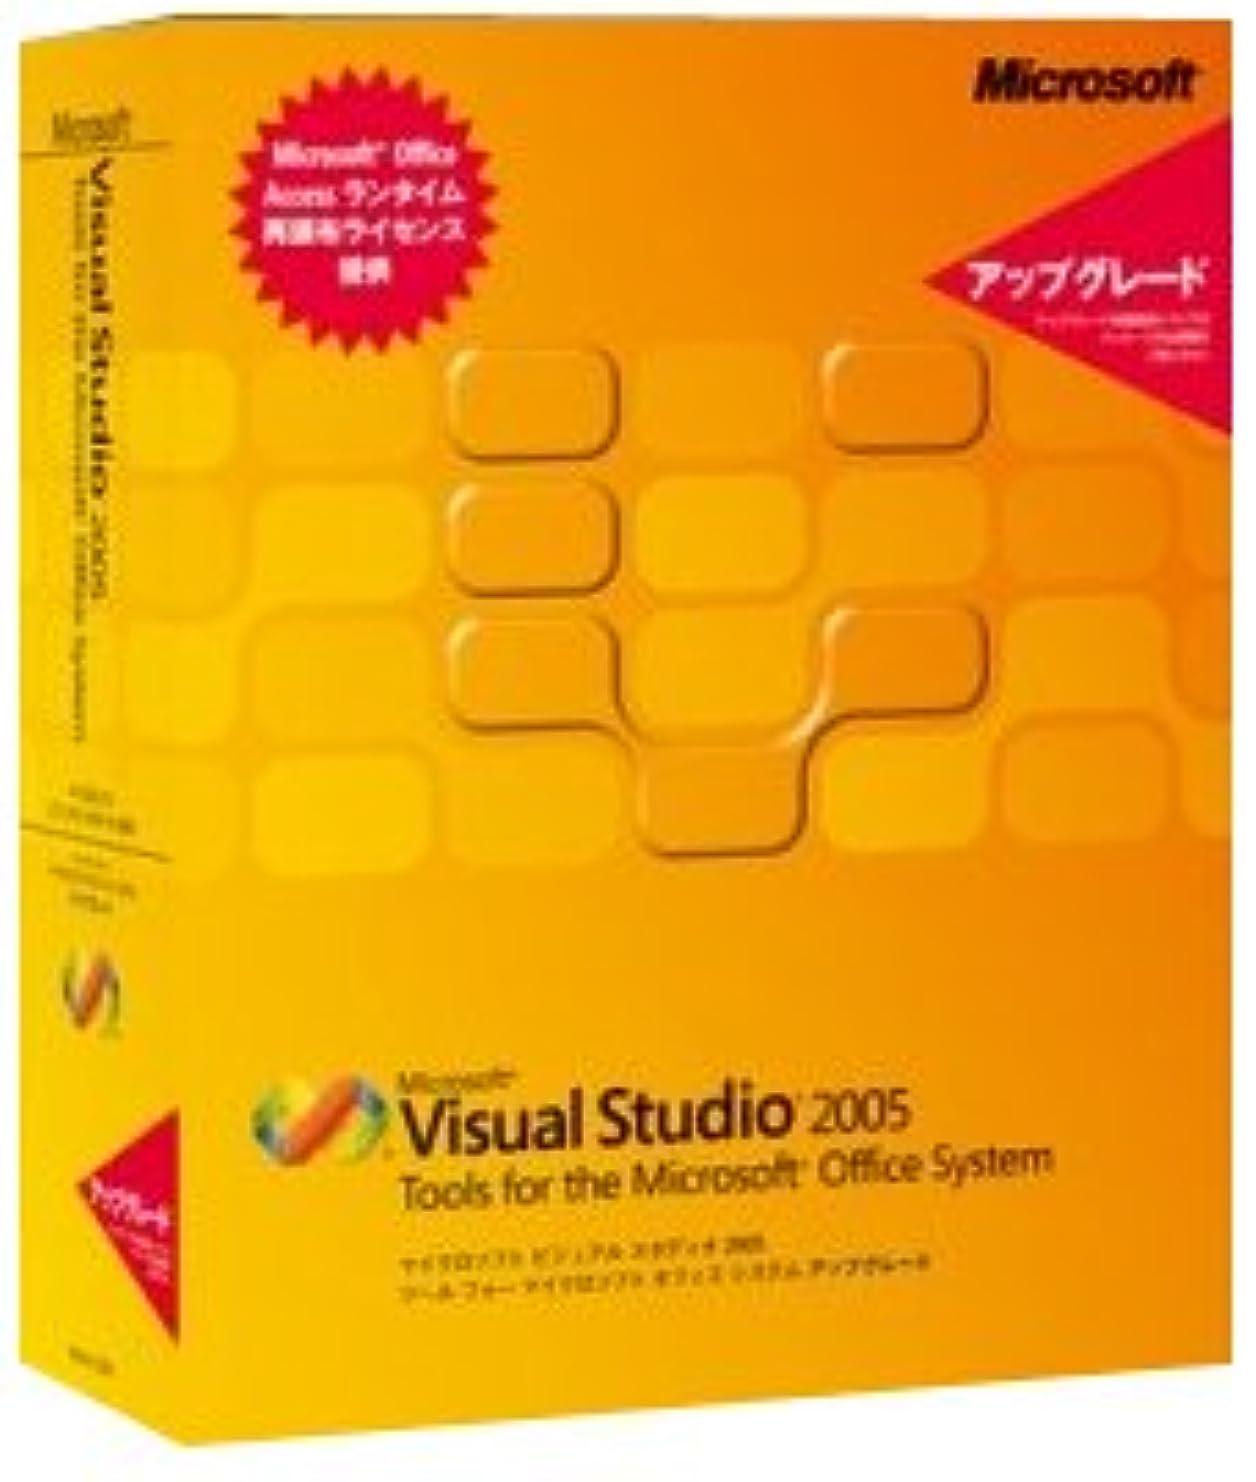 ロック頻繁に掃くVisual Studio Tools For Office 2005 アップグレード版